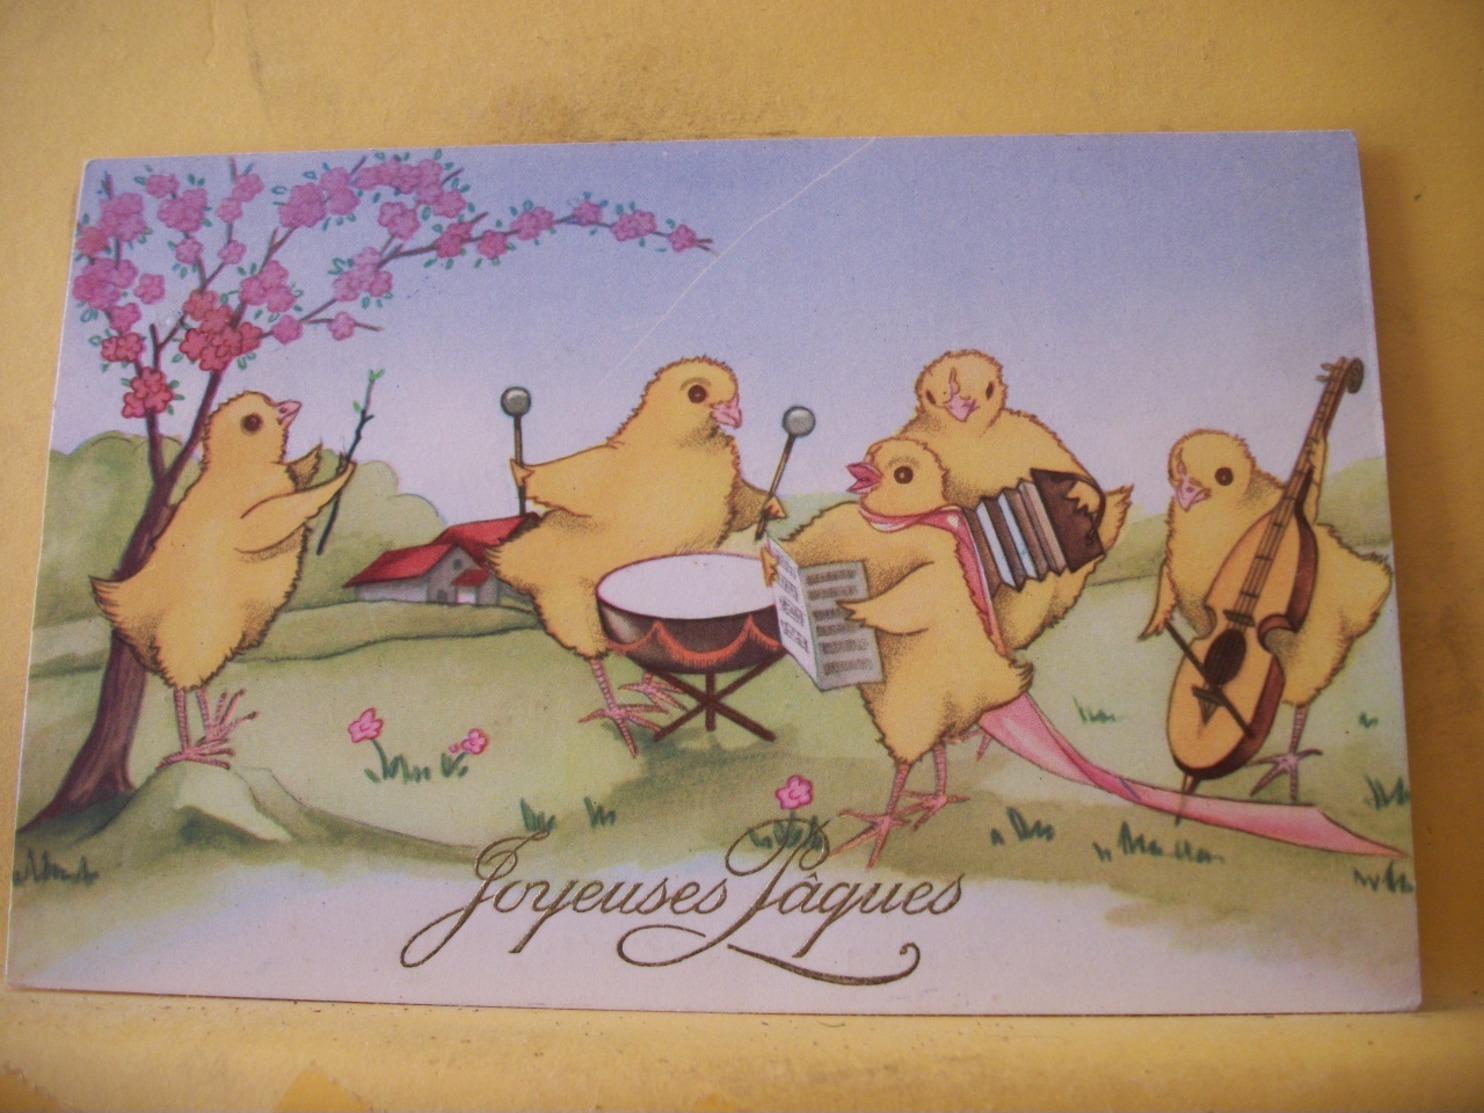 B20 9655 CPSM PM 1954 - JOYEUSES PAQUES EN LETTRES DOREES - 5 POUSSINS JAUNES FORMANT UNE HARMONIE MUSICALE. - Pasqua